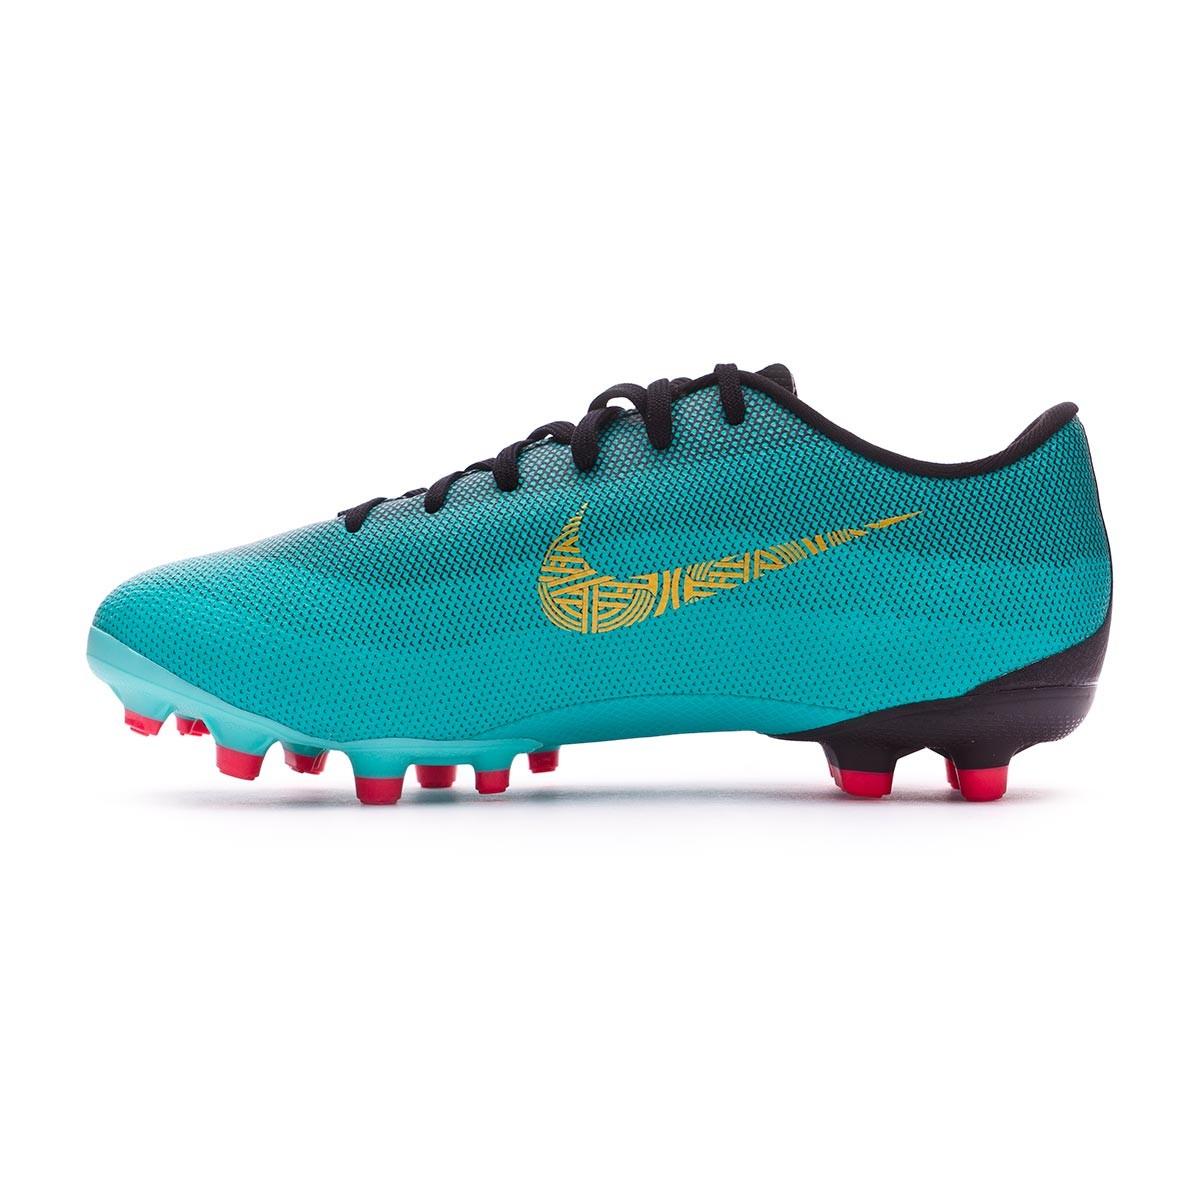 Zapatos Mg Niño De Fútbol Gs Academy Cr7 Vapor Nike Xii Mercurial AZ67fZwx